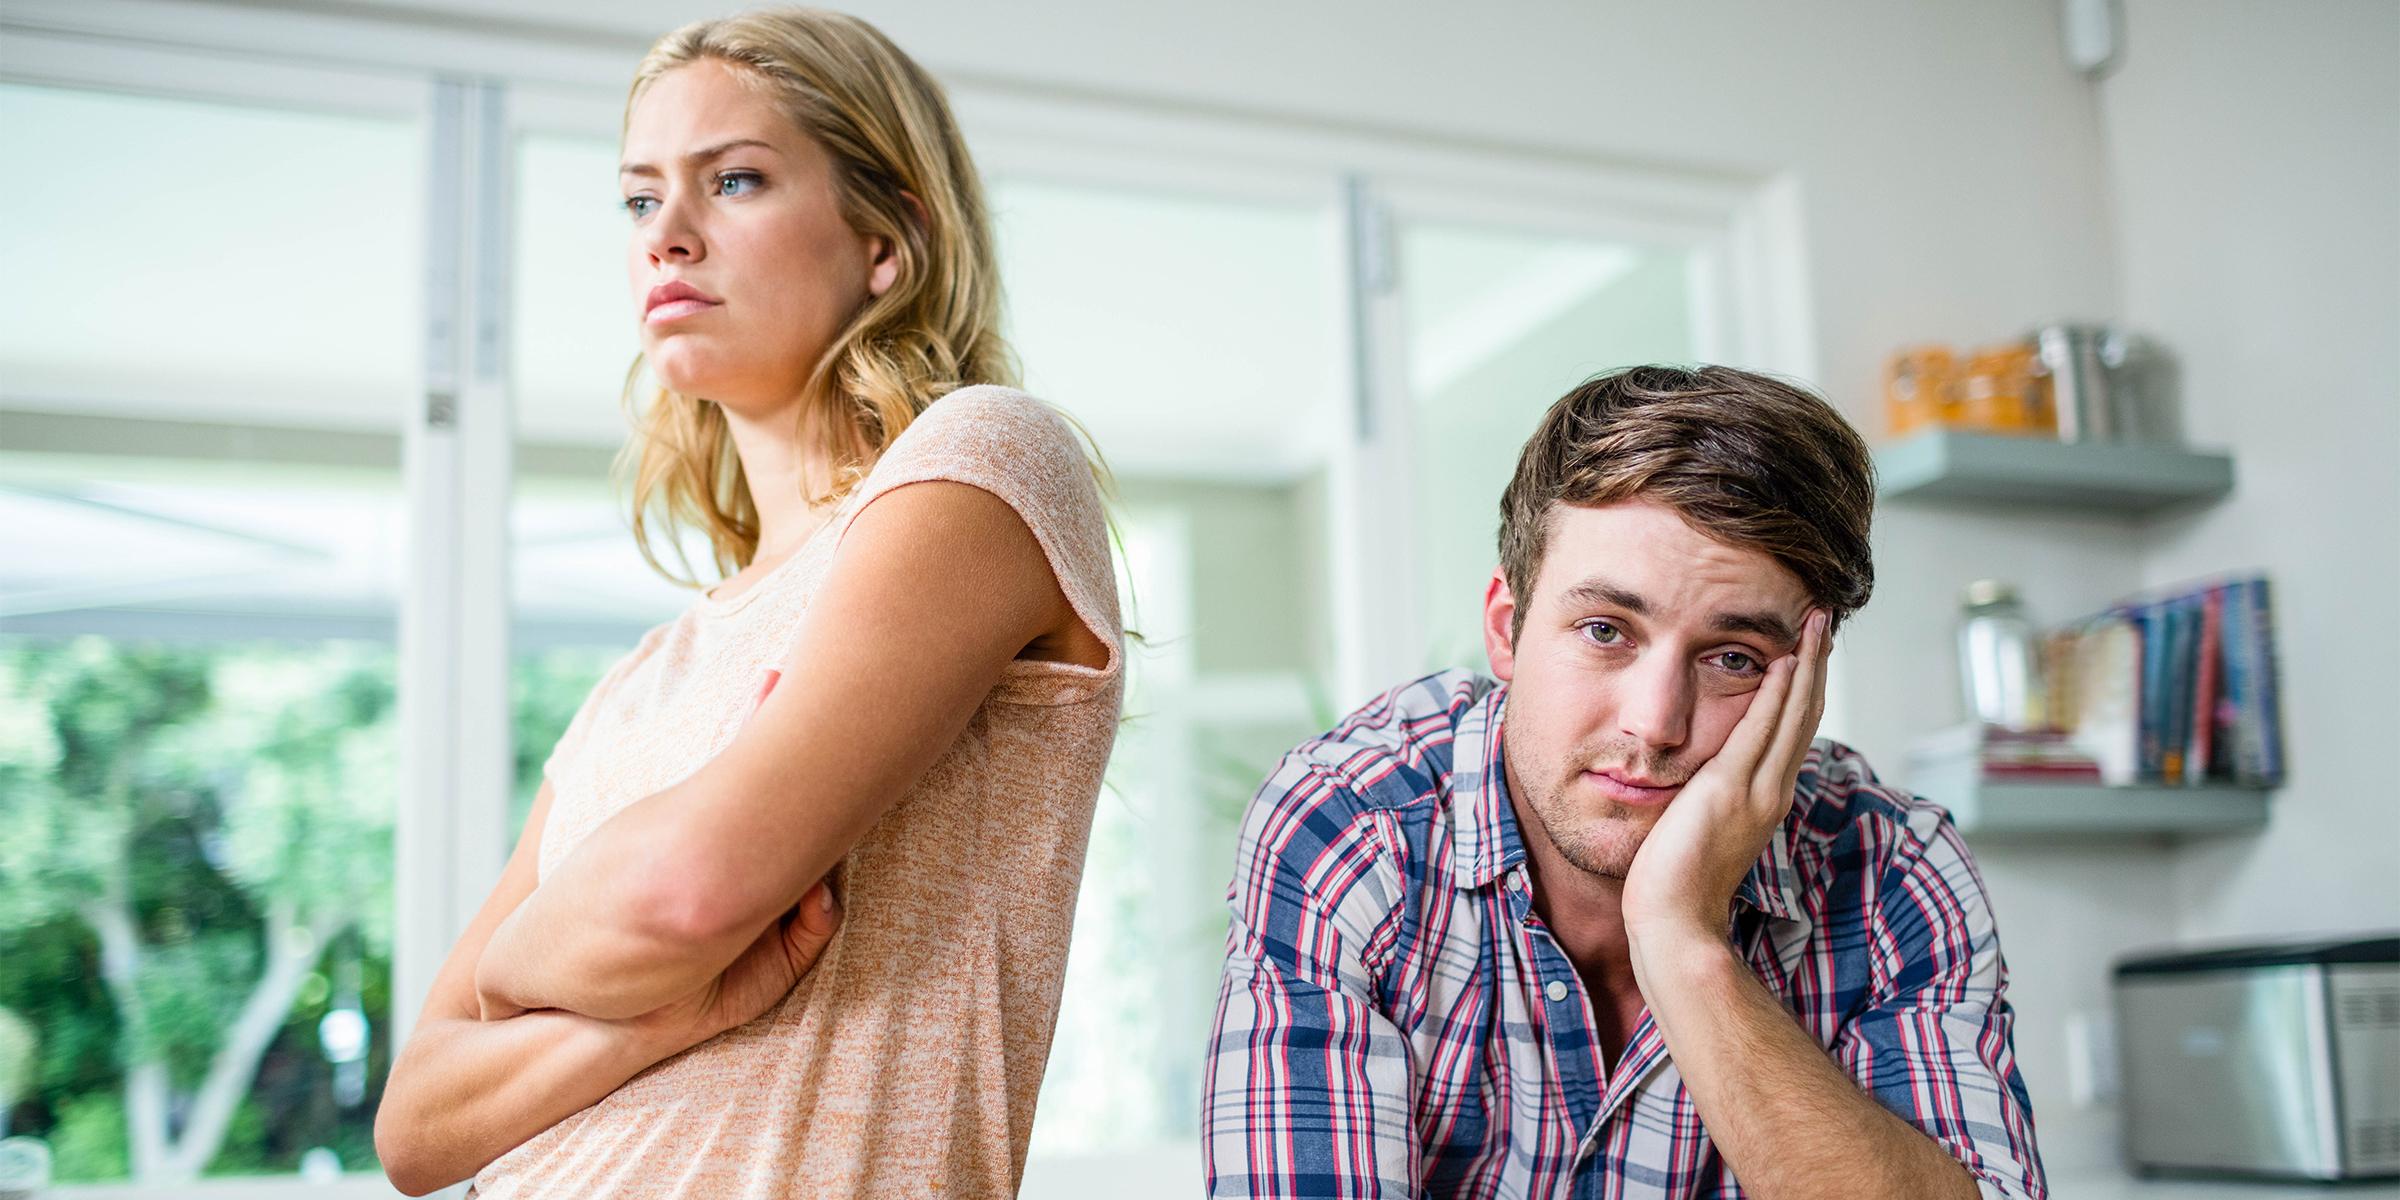 Kft válás esetén